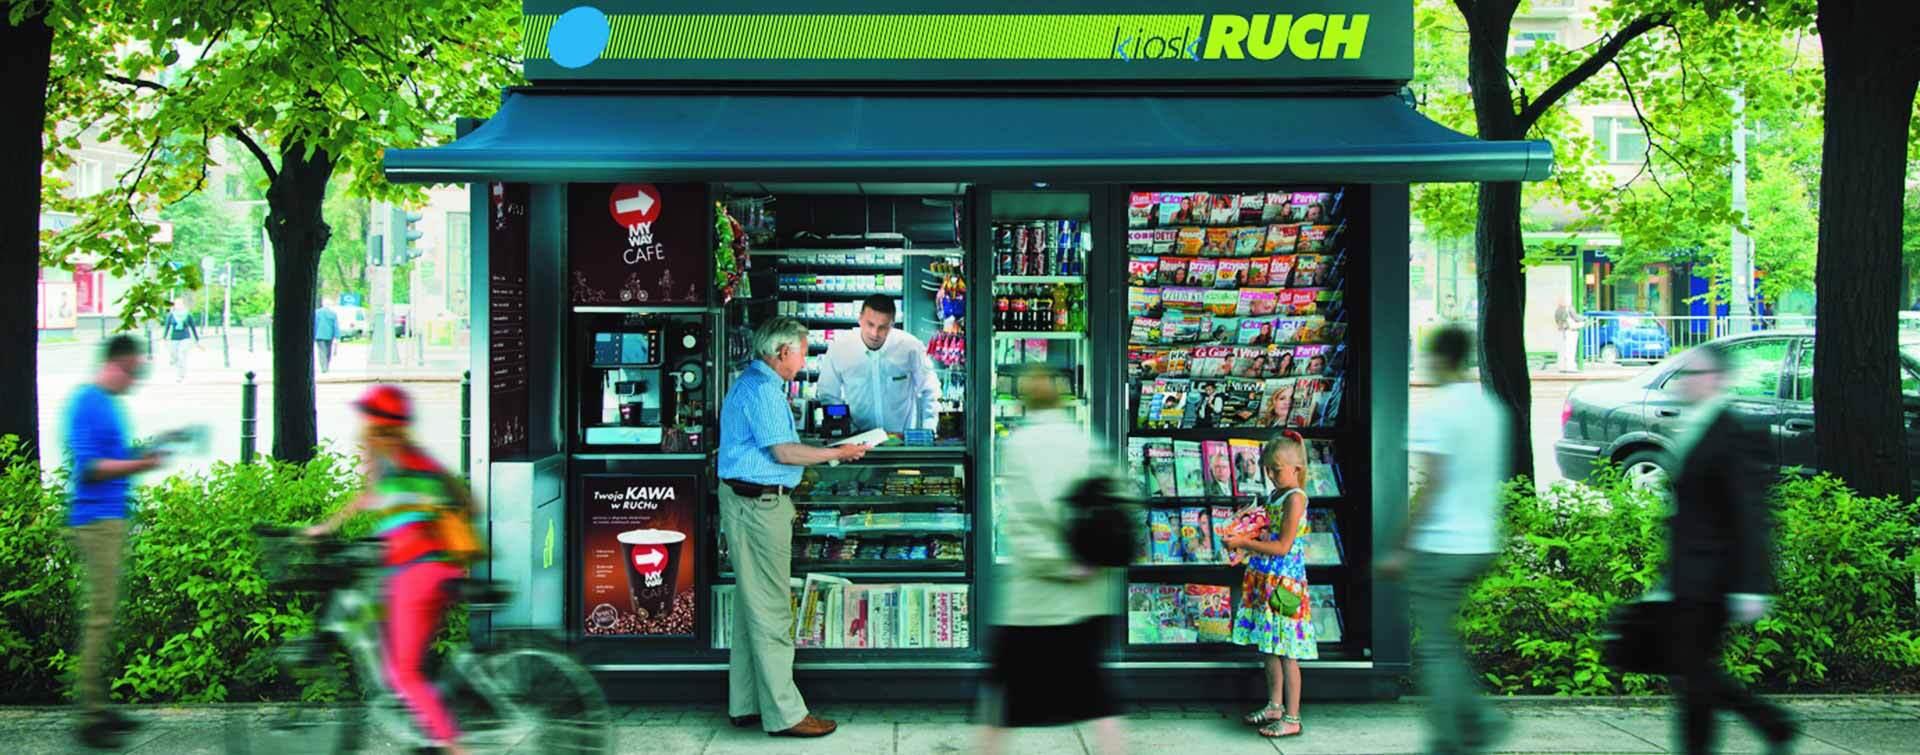 Paczka w RUCHu wdrożyła proces odkażania wszystkich obsługiwanych przesyłek